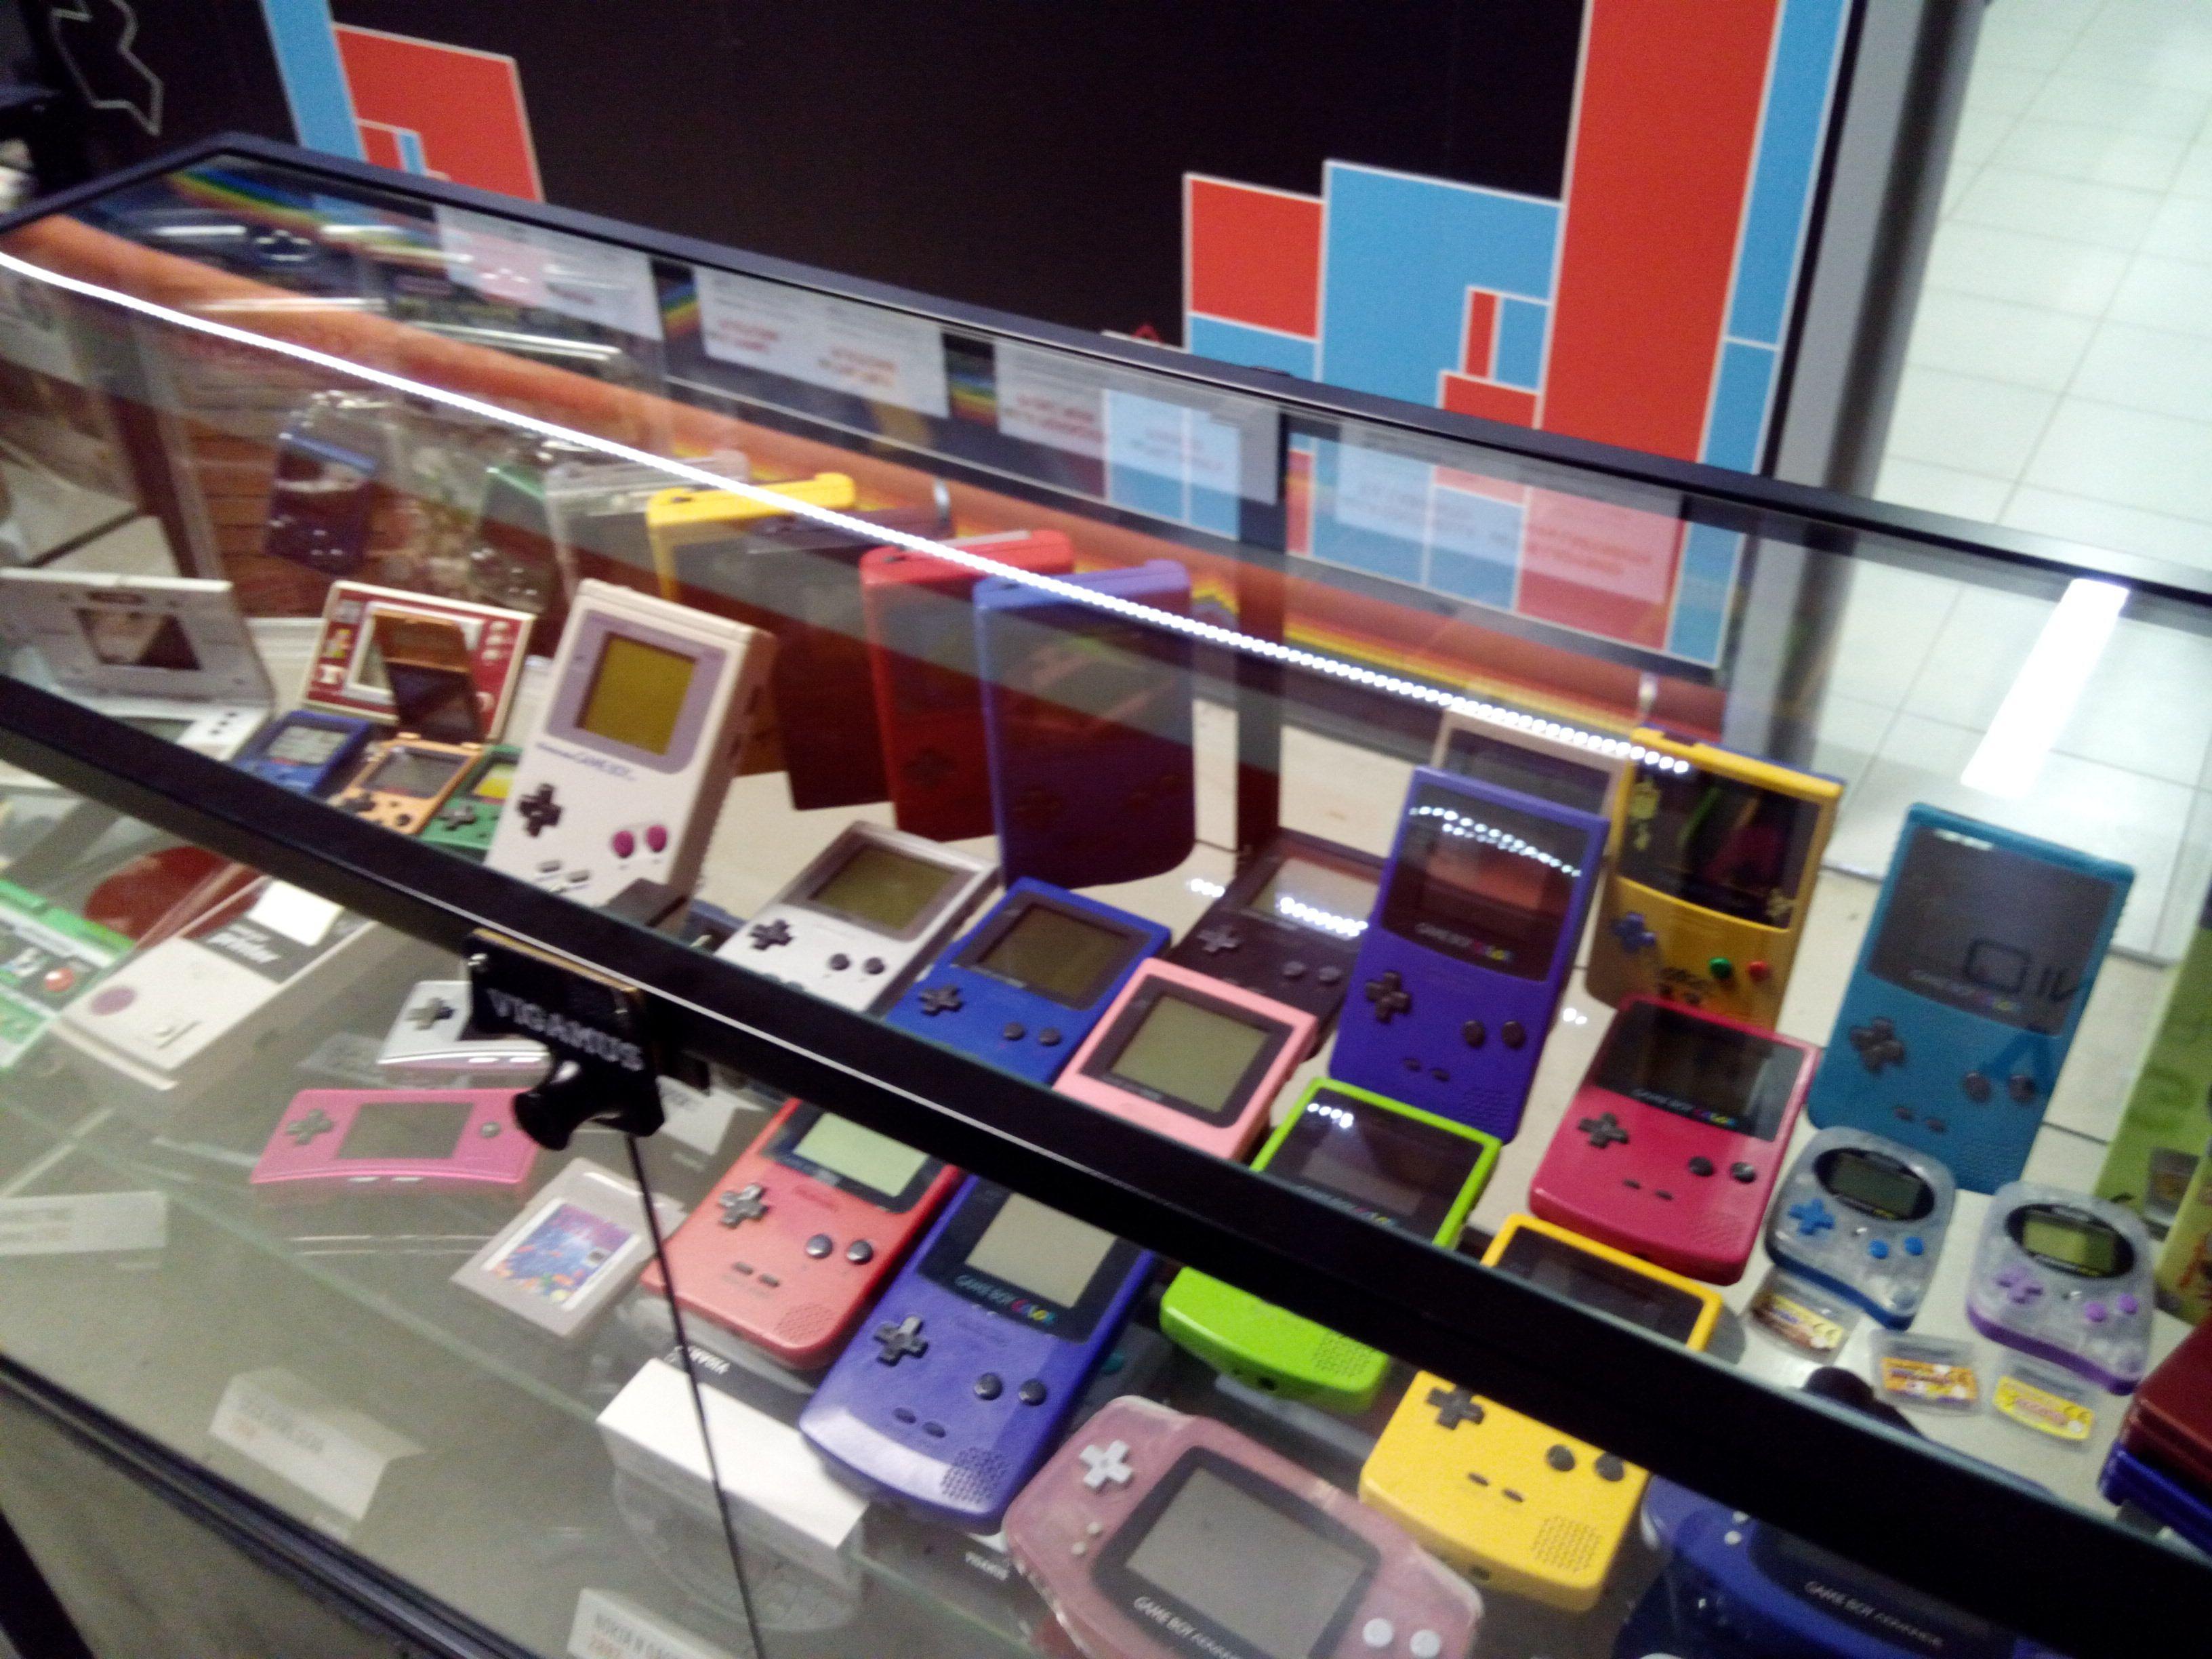 game boy color giochi : Pletora Di Game Boy Game Boy Color Game Boy Pocket Game Boy Advance